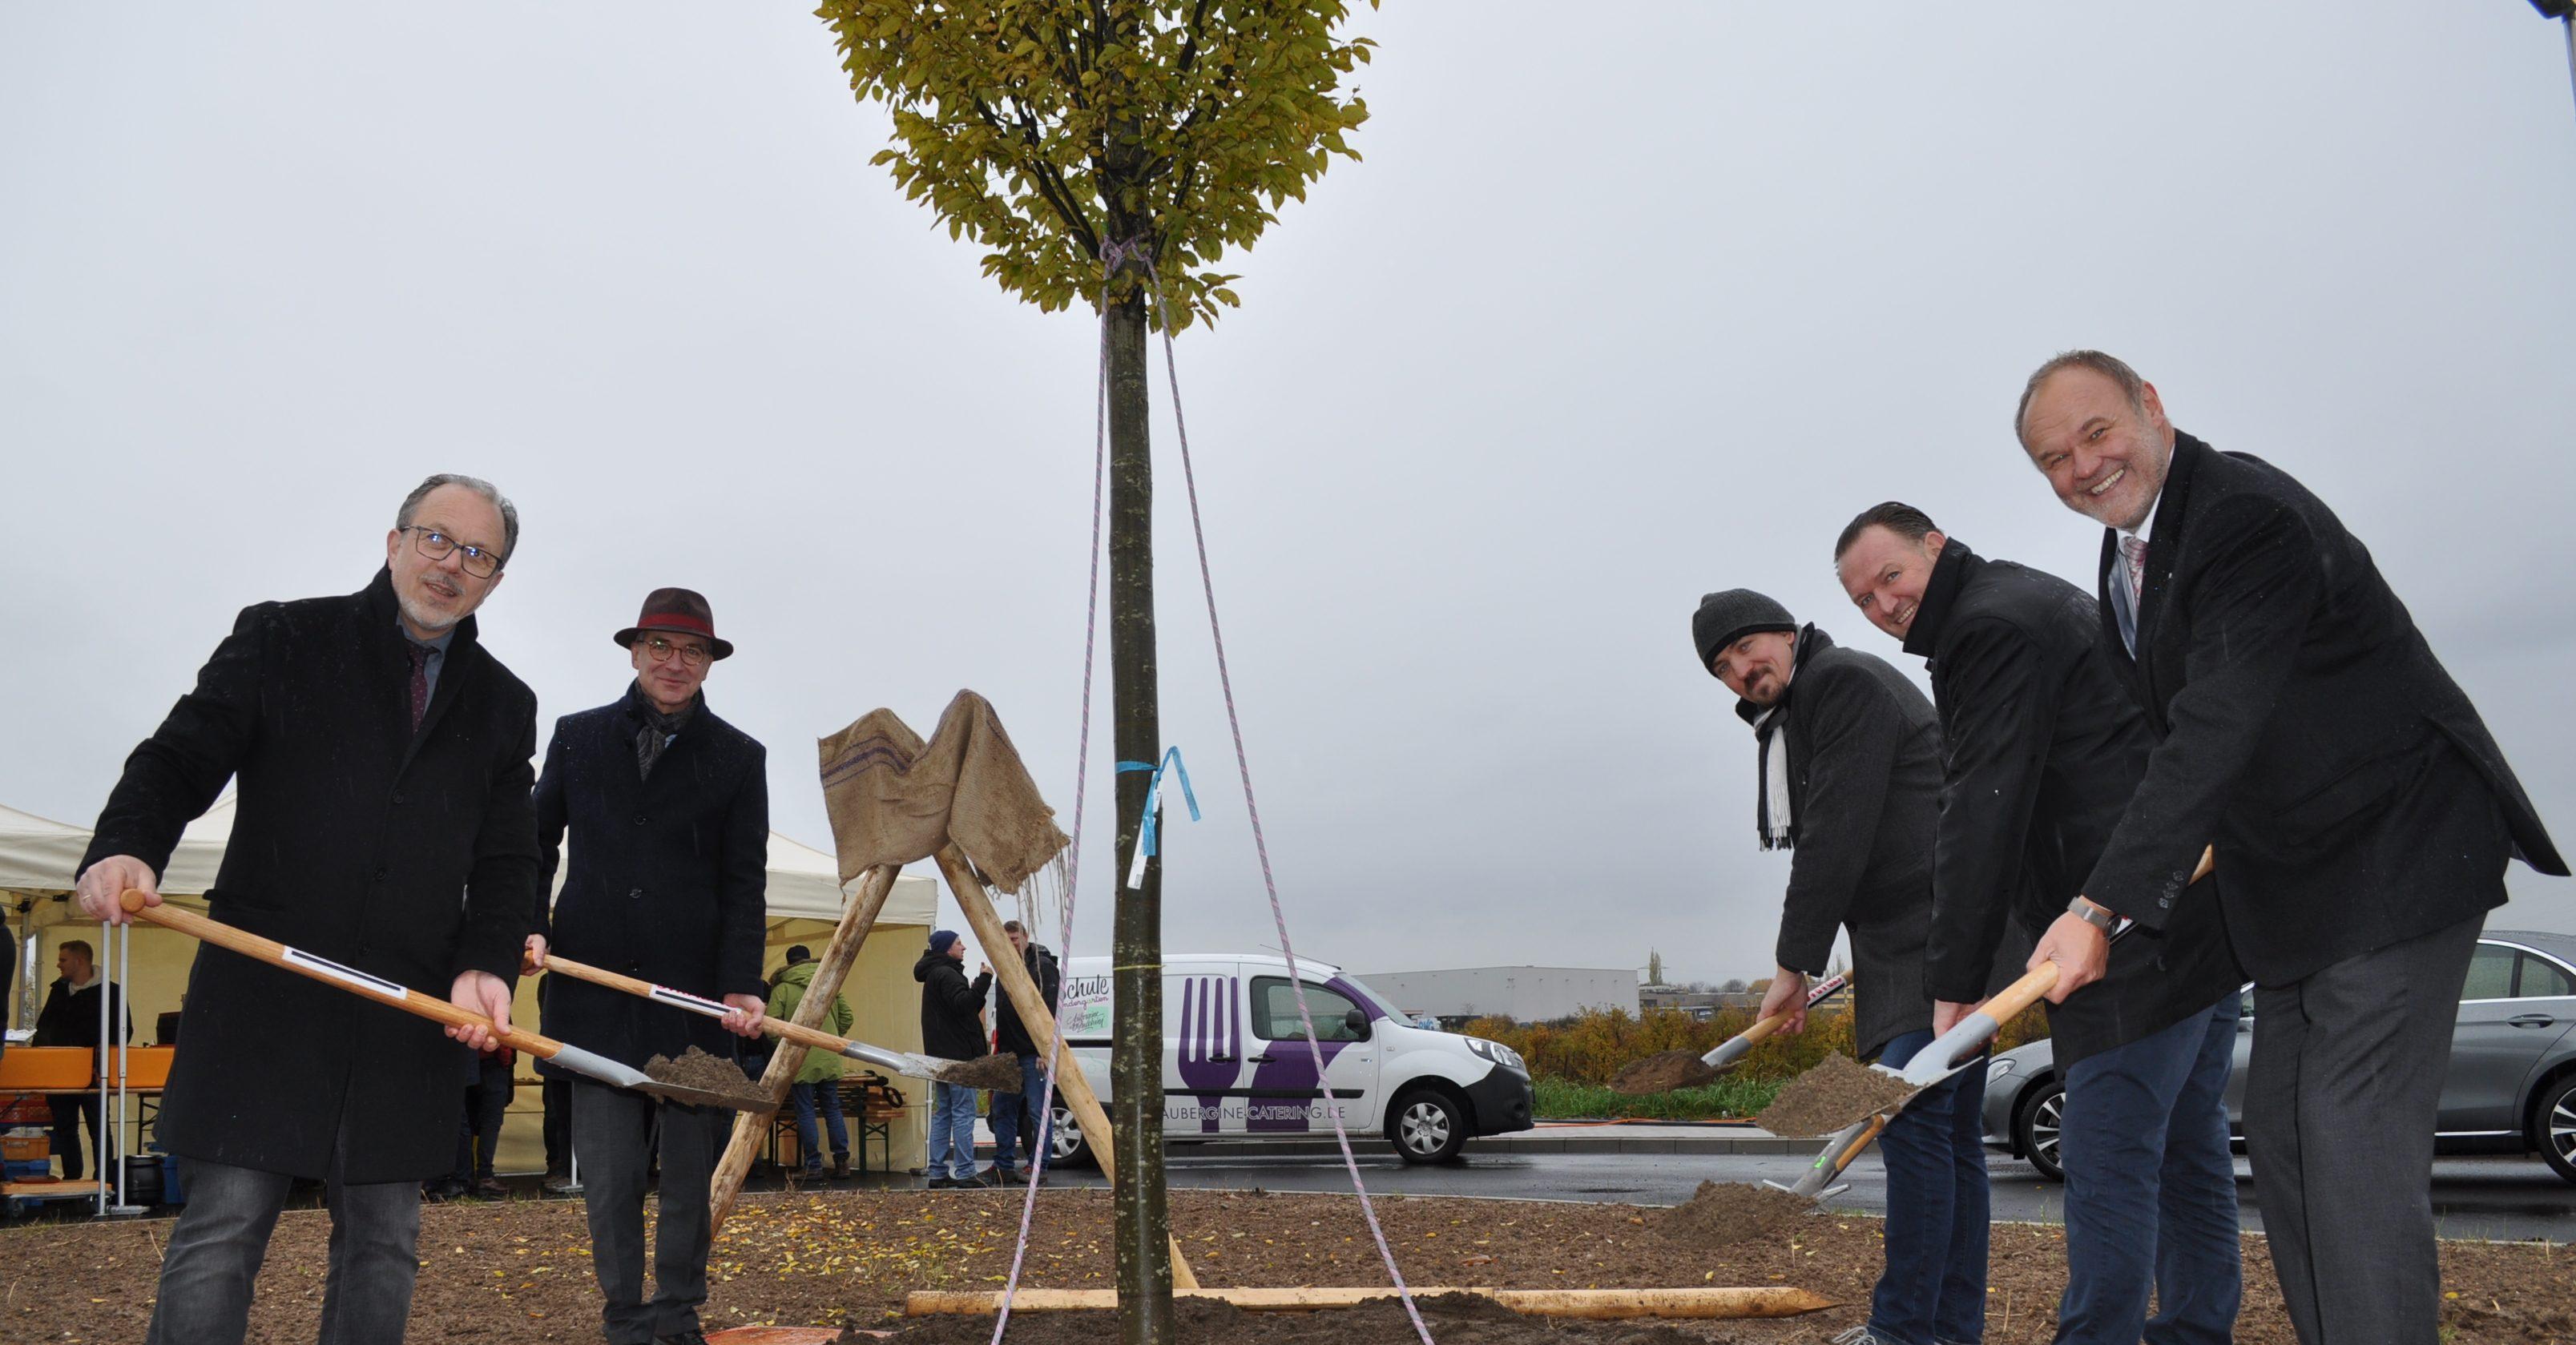 Foto zeigt Vertreter der Stadt u.a. beim Pflanzen ines Baums